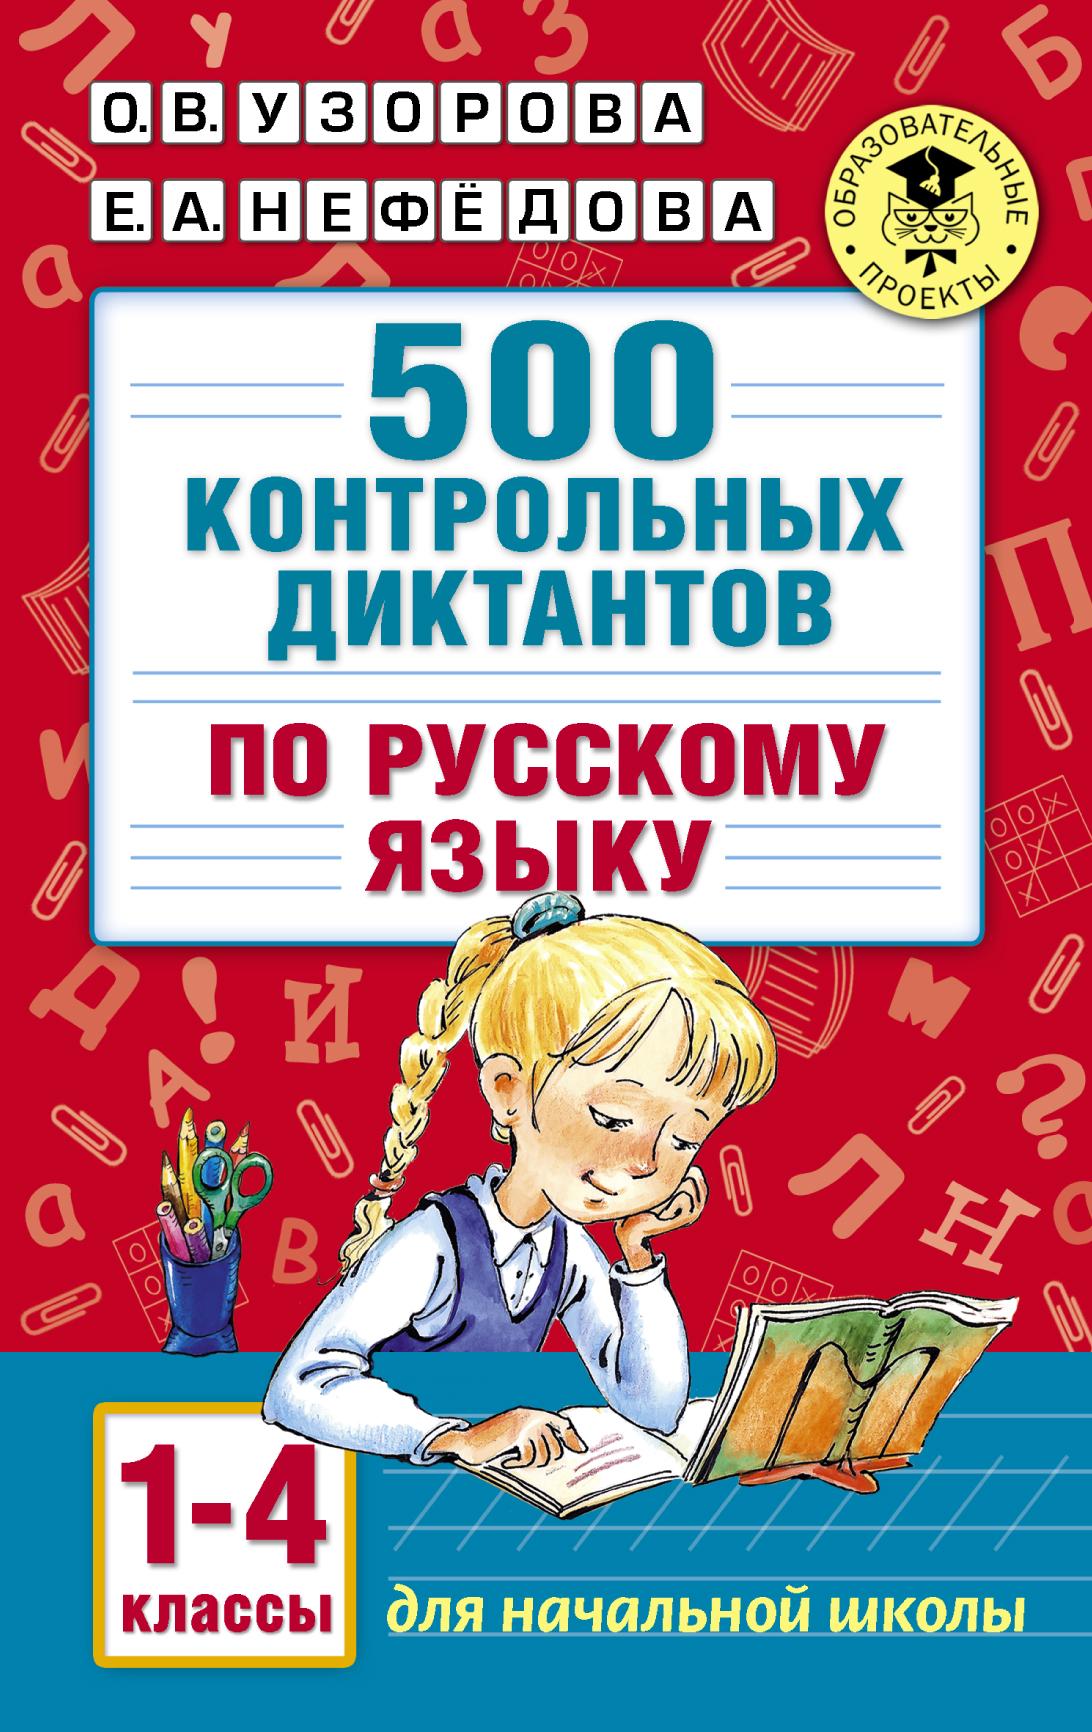 500 контрольных диктантов по русскому языку 1-4 класс ( Узорова О.В.  )